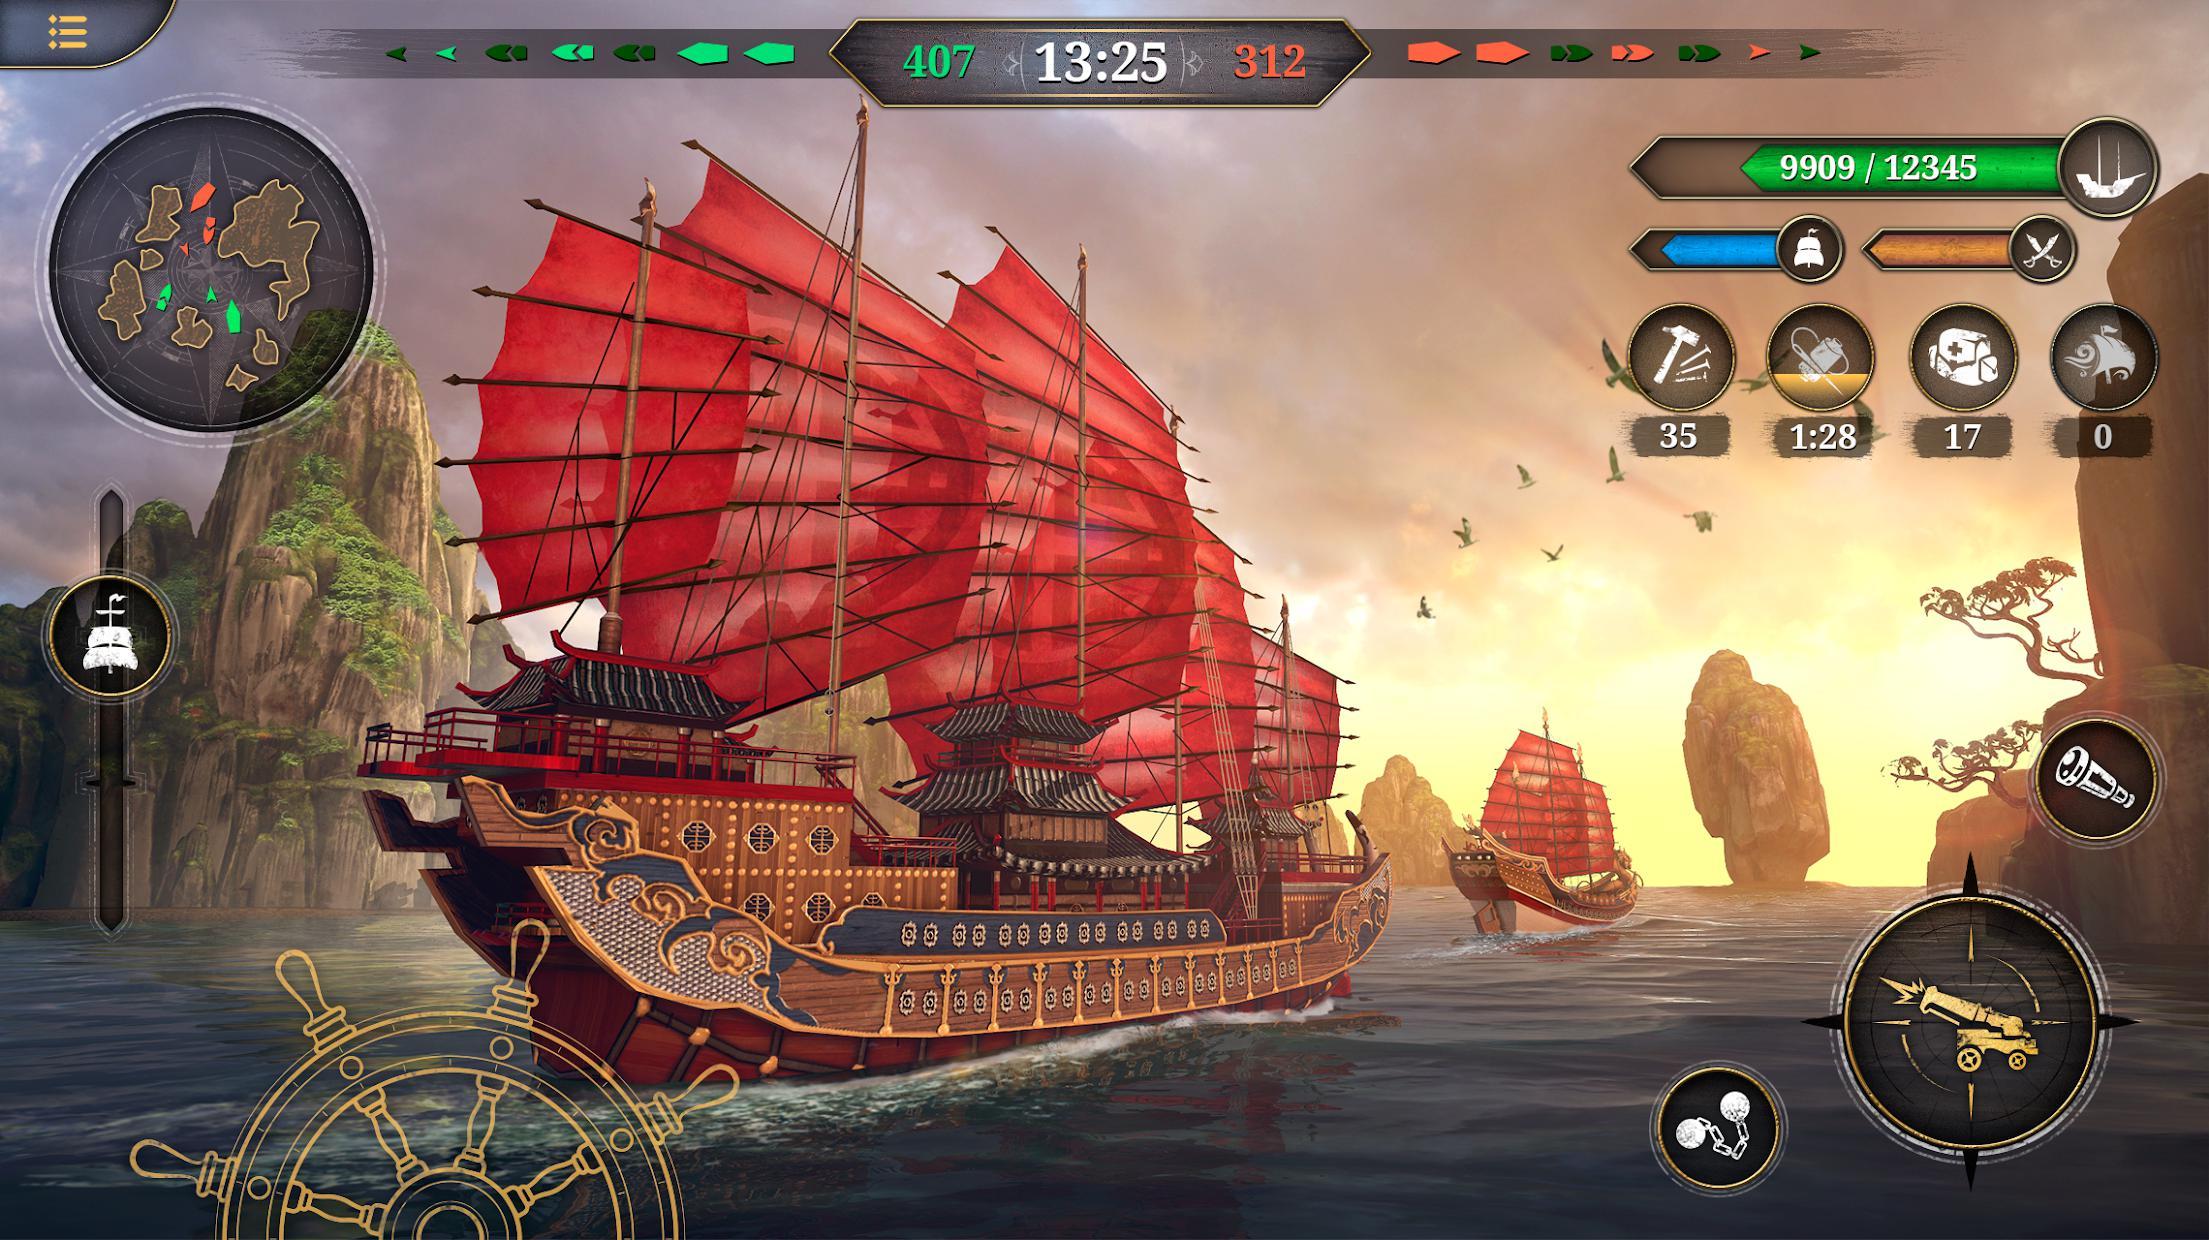 航海王:皇家海军 游戏截图4